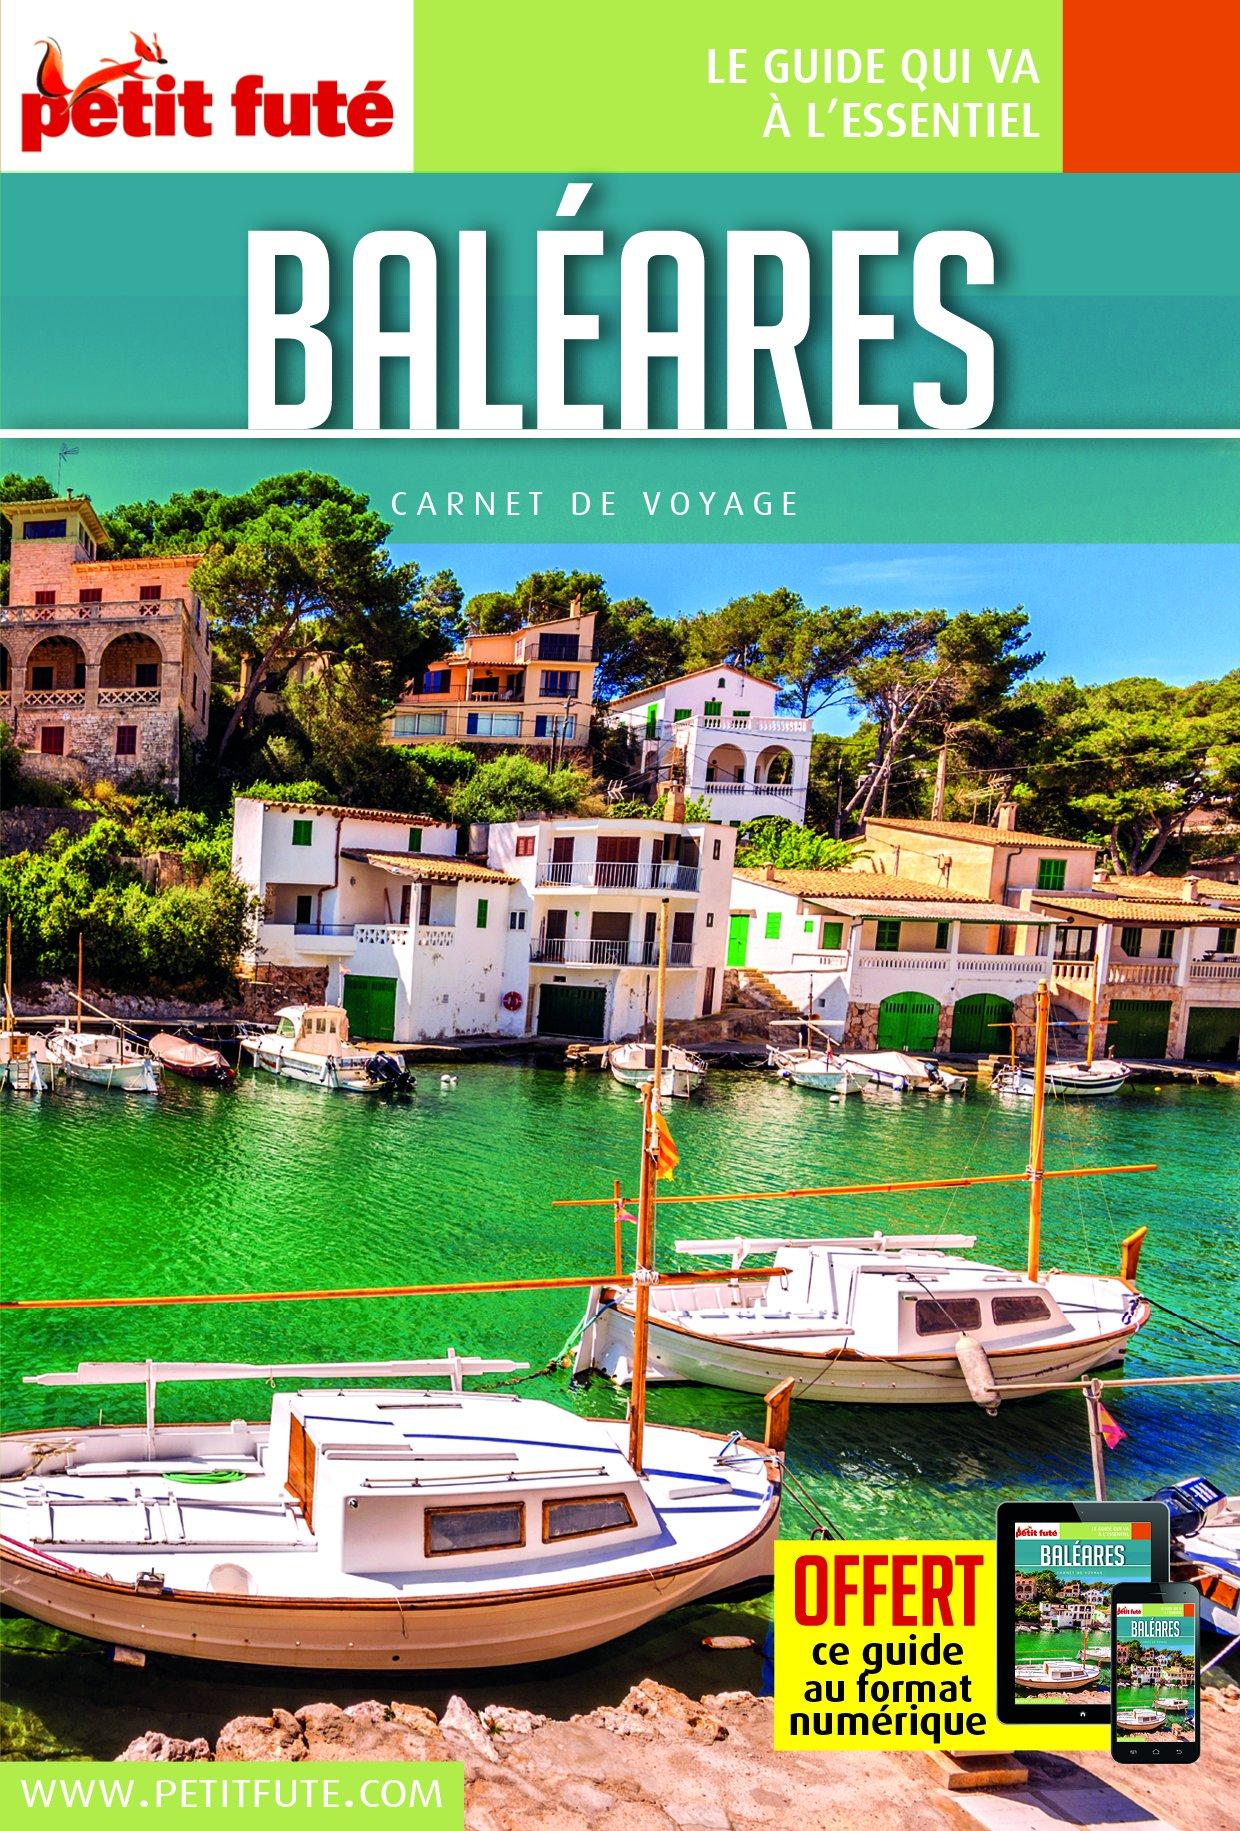 Carnet de voyage - Baléares 2016